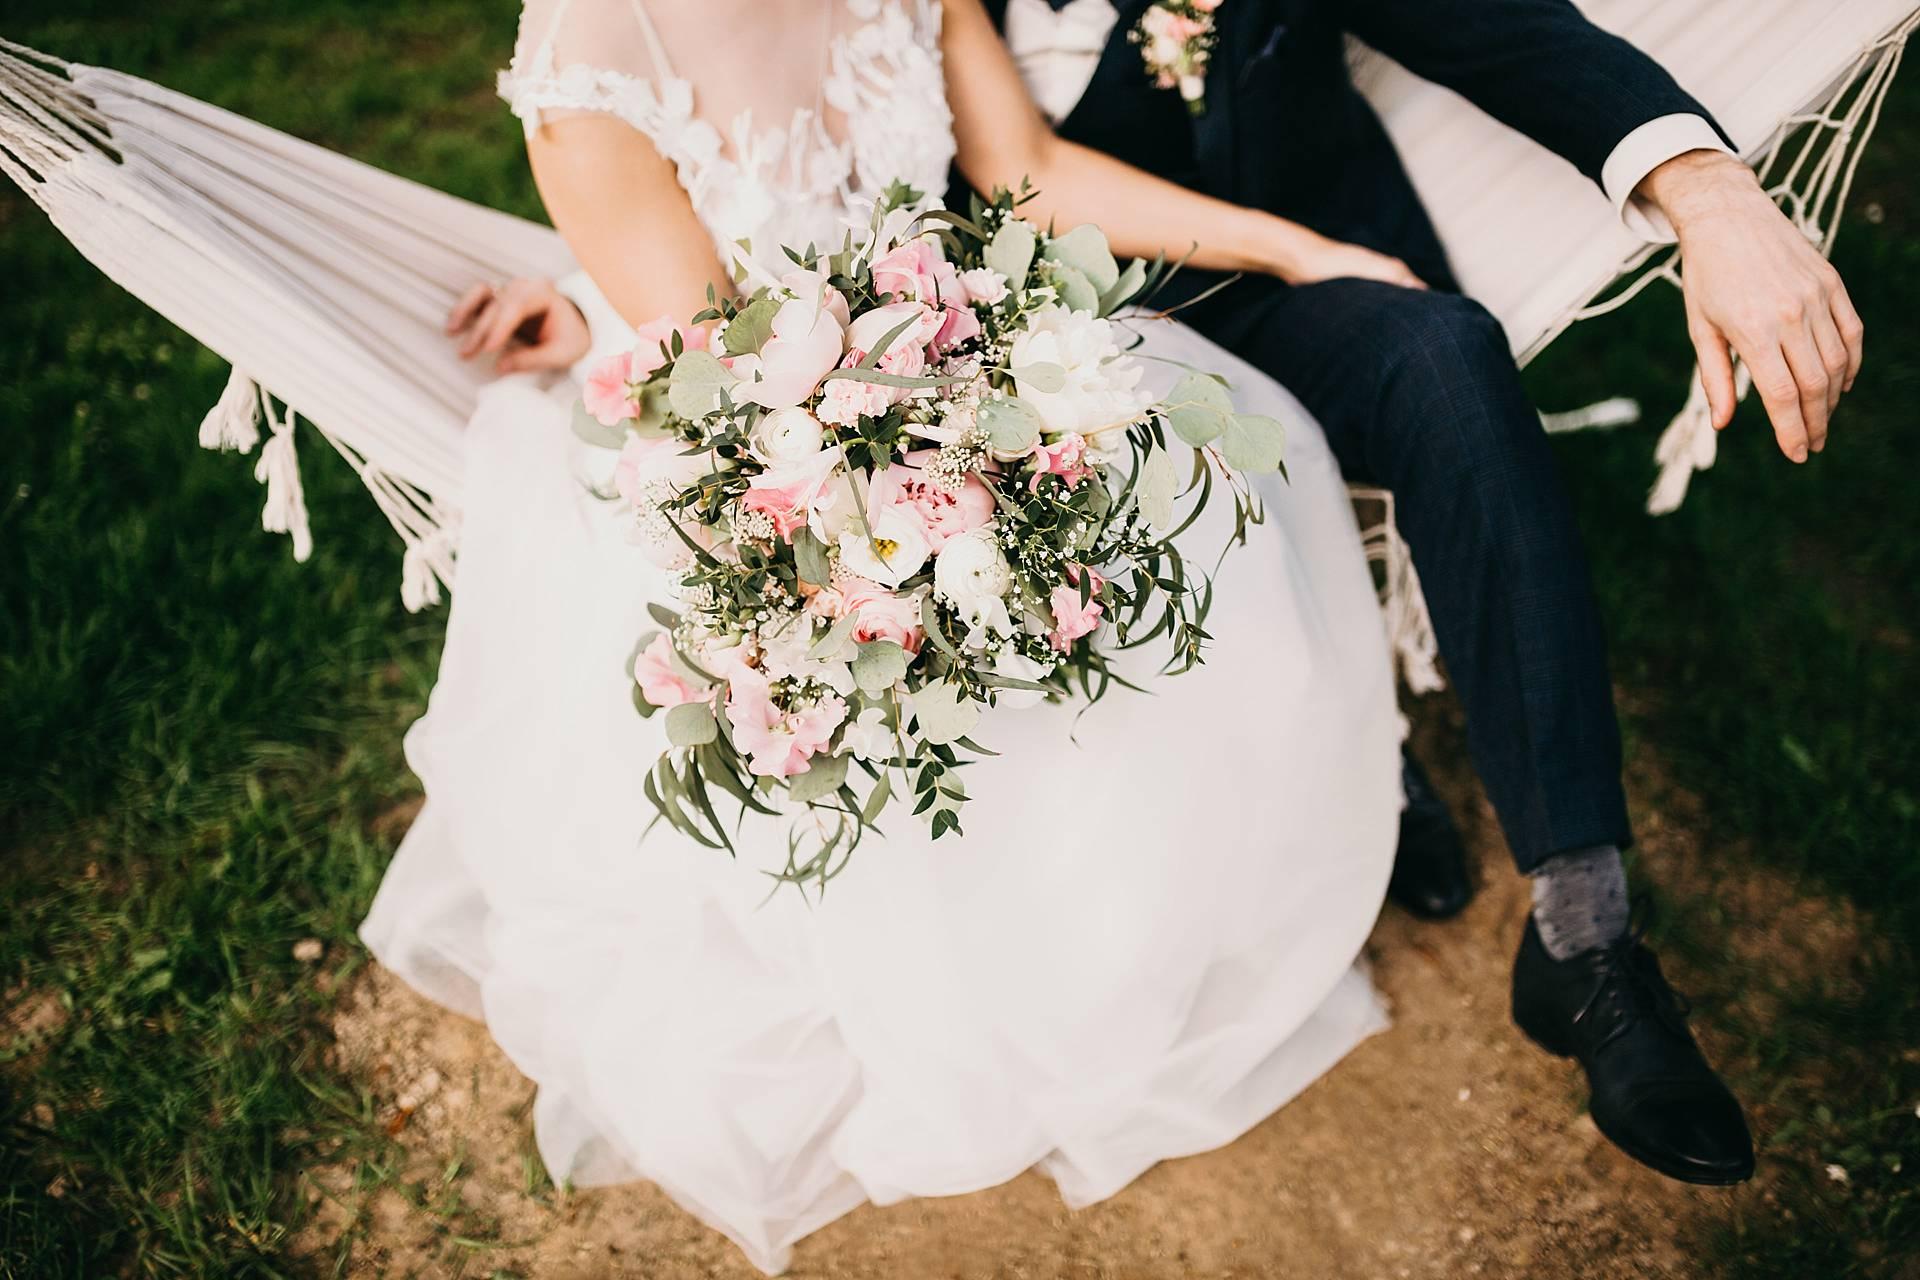 Hochzeitsfotos von dem Brautpaar und dem Brautstrauß.